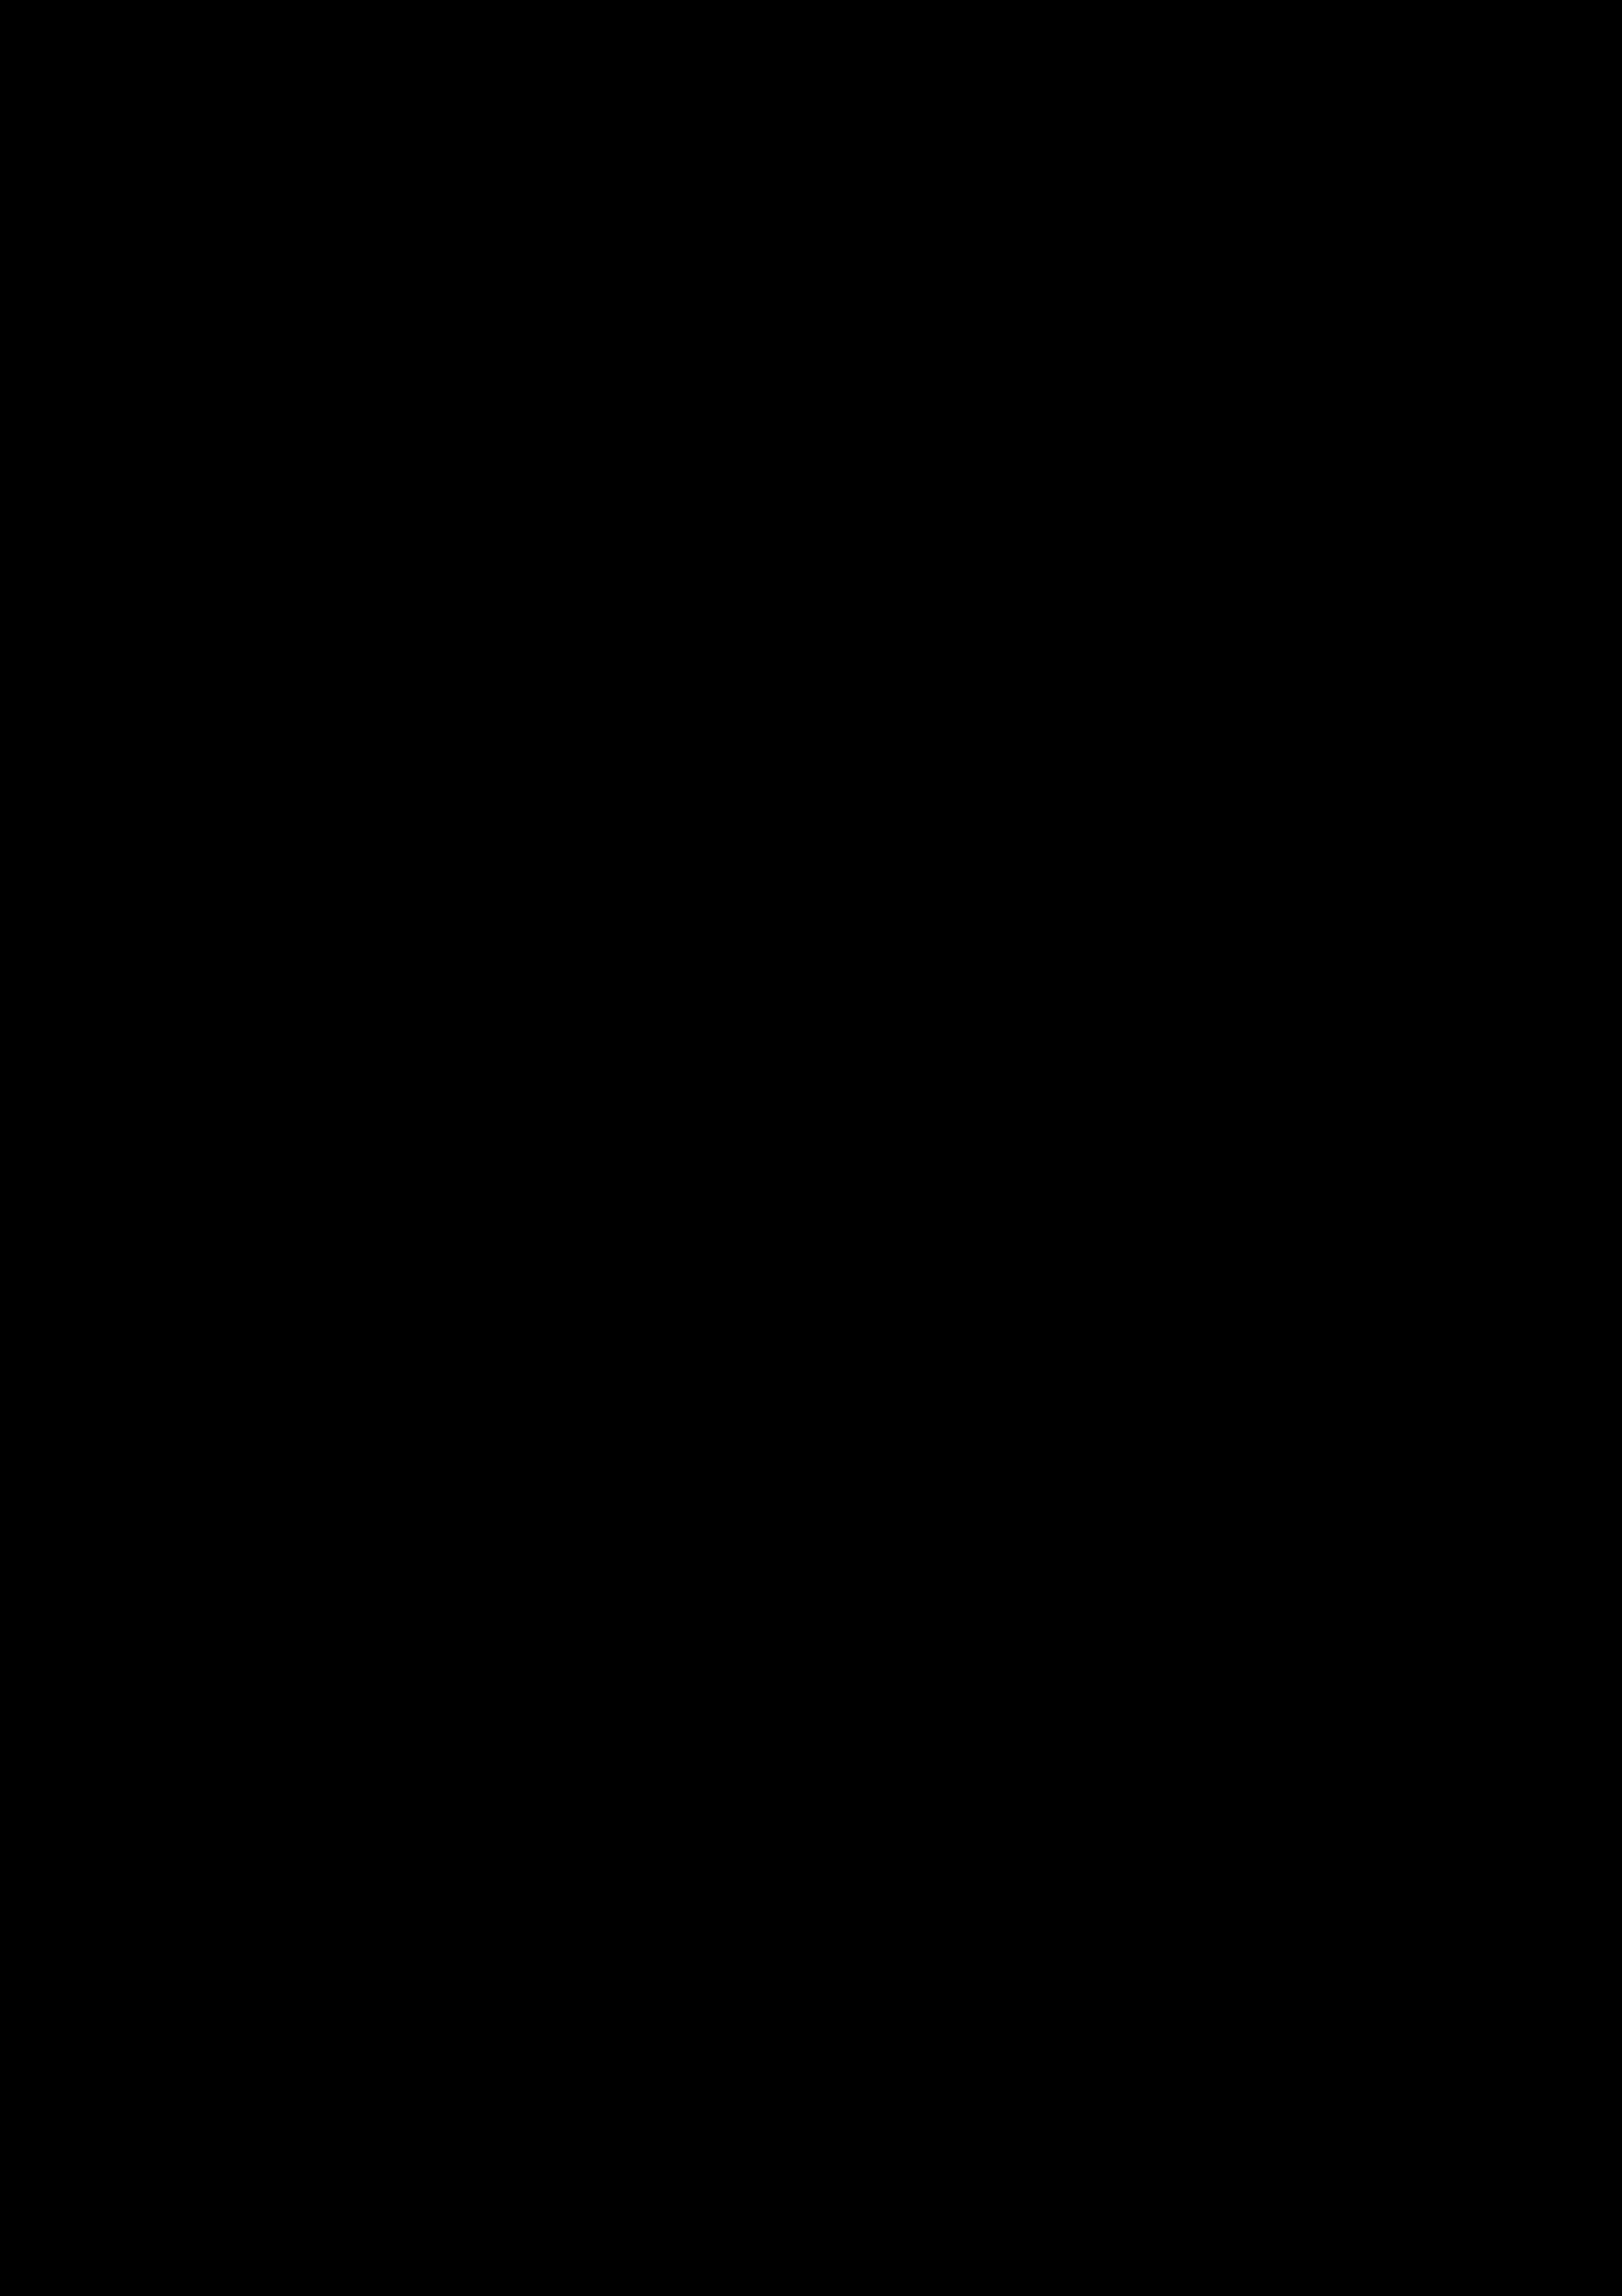 Náhled plakátu k filmu Syn temnoty